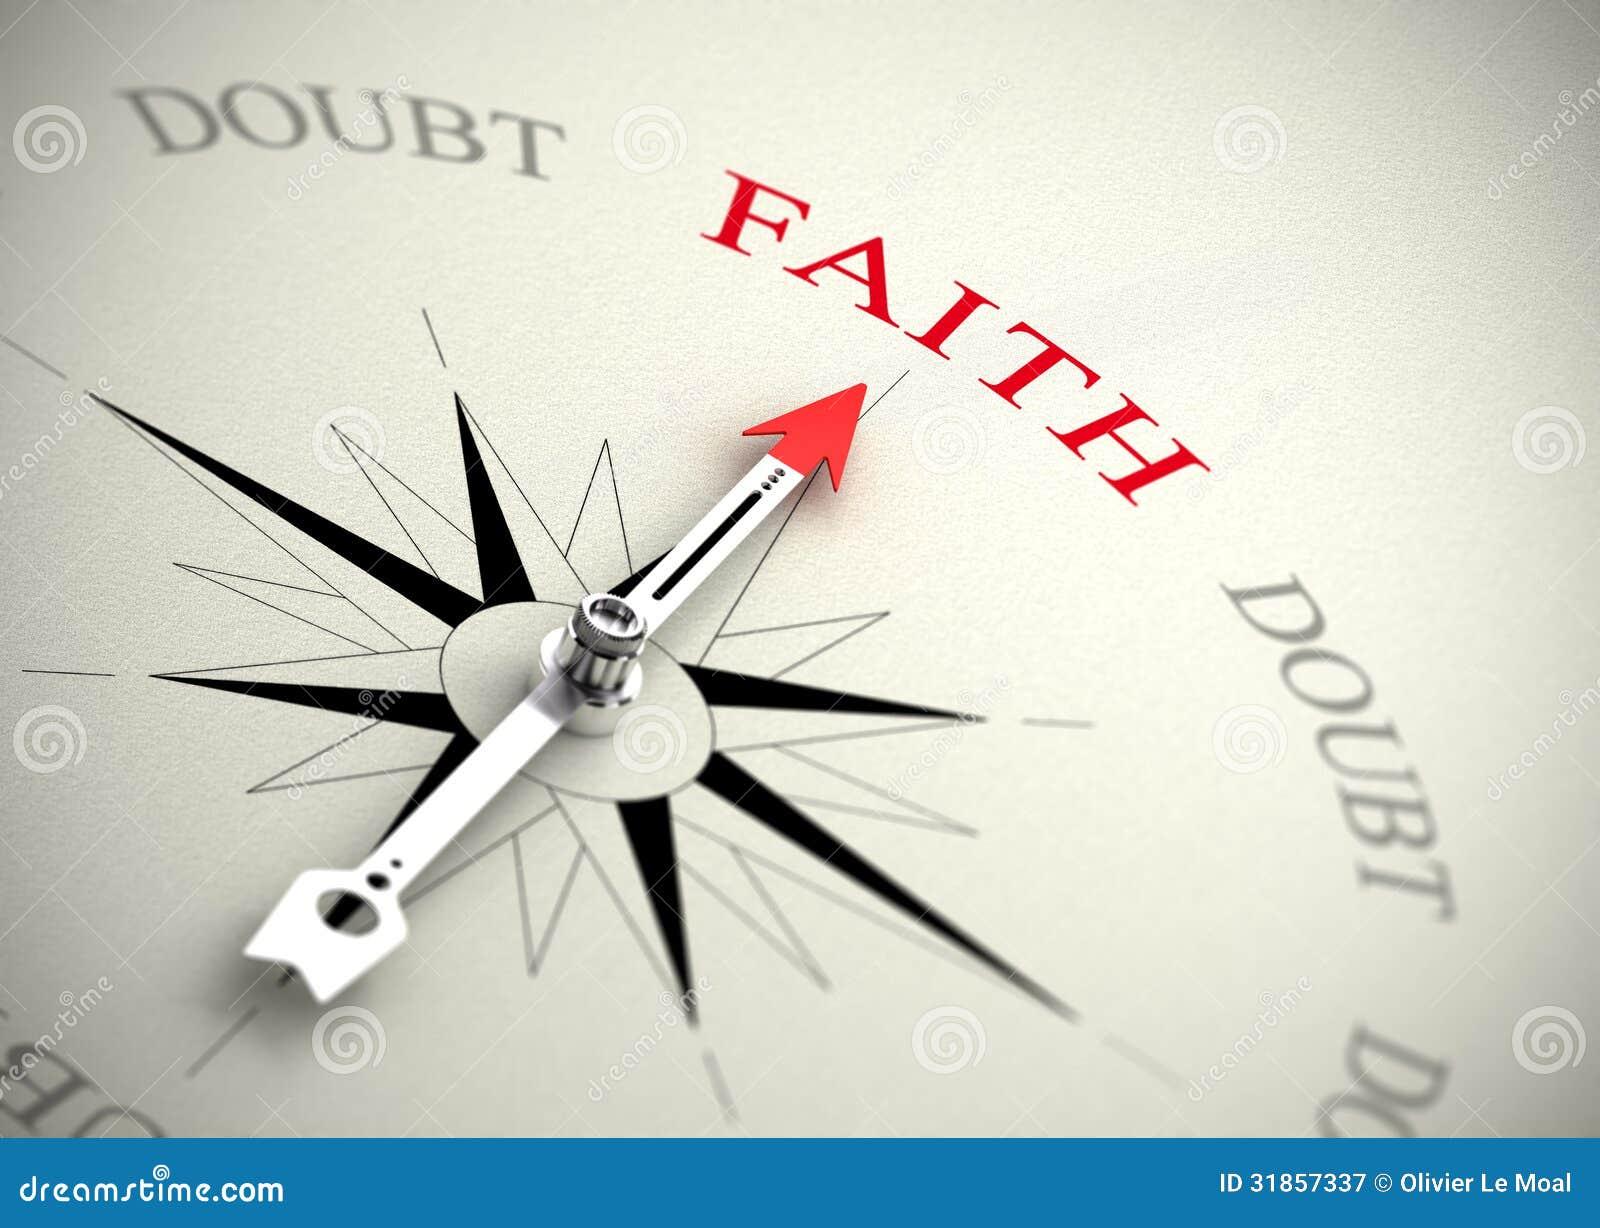 För tro tvivel kontra, religion eller förtroendebegrepp